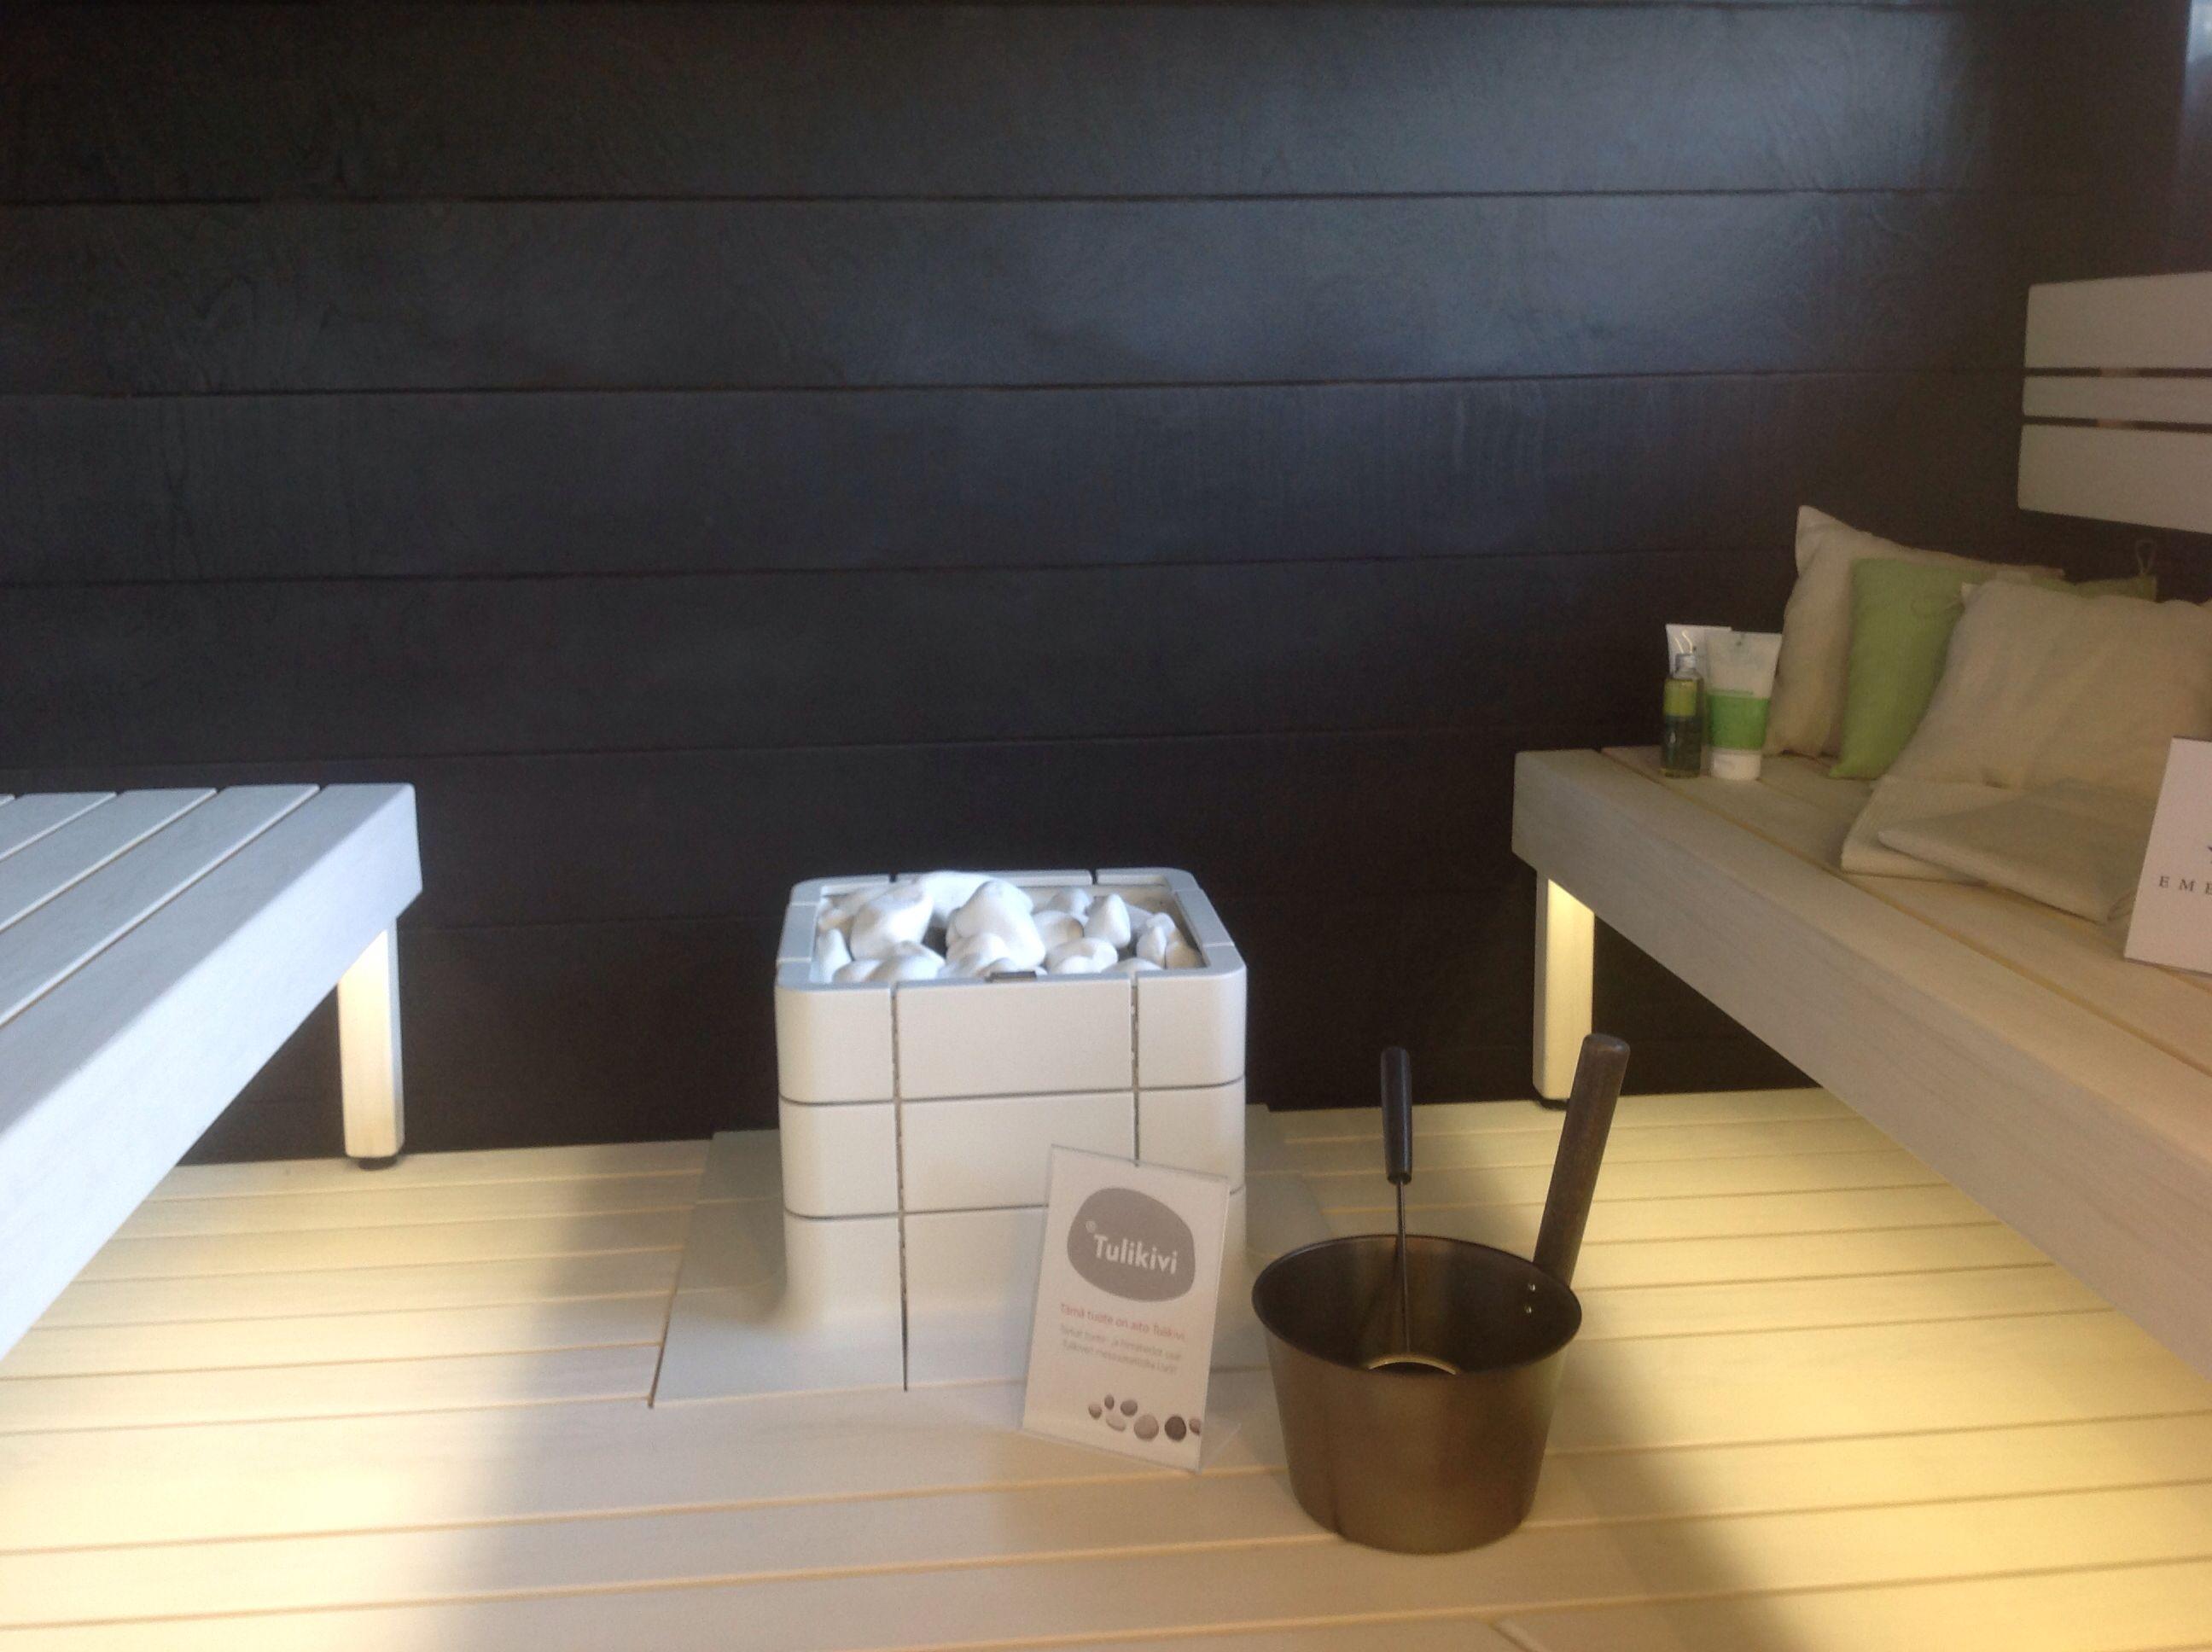 Kaunis ja harmooninen sauna. Hyvää työtä. Mitenköhän nuo lauteet kestävät vaaleina? Monissa saunoissa musta/valko väritys